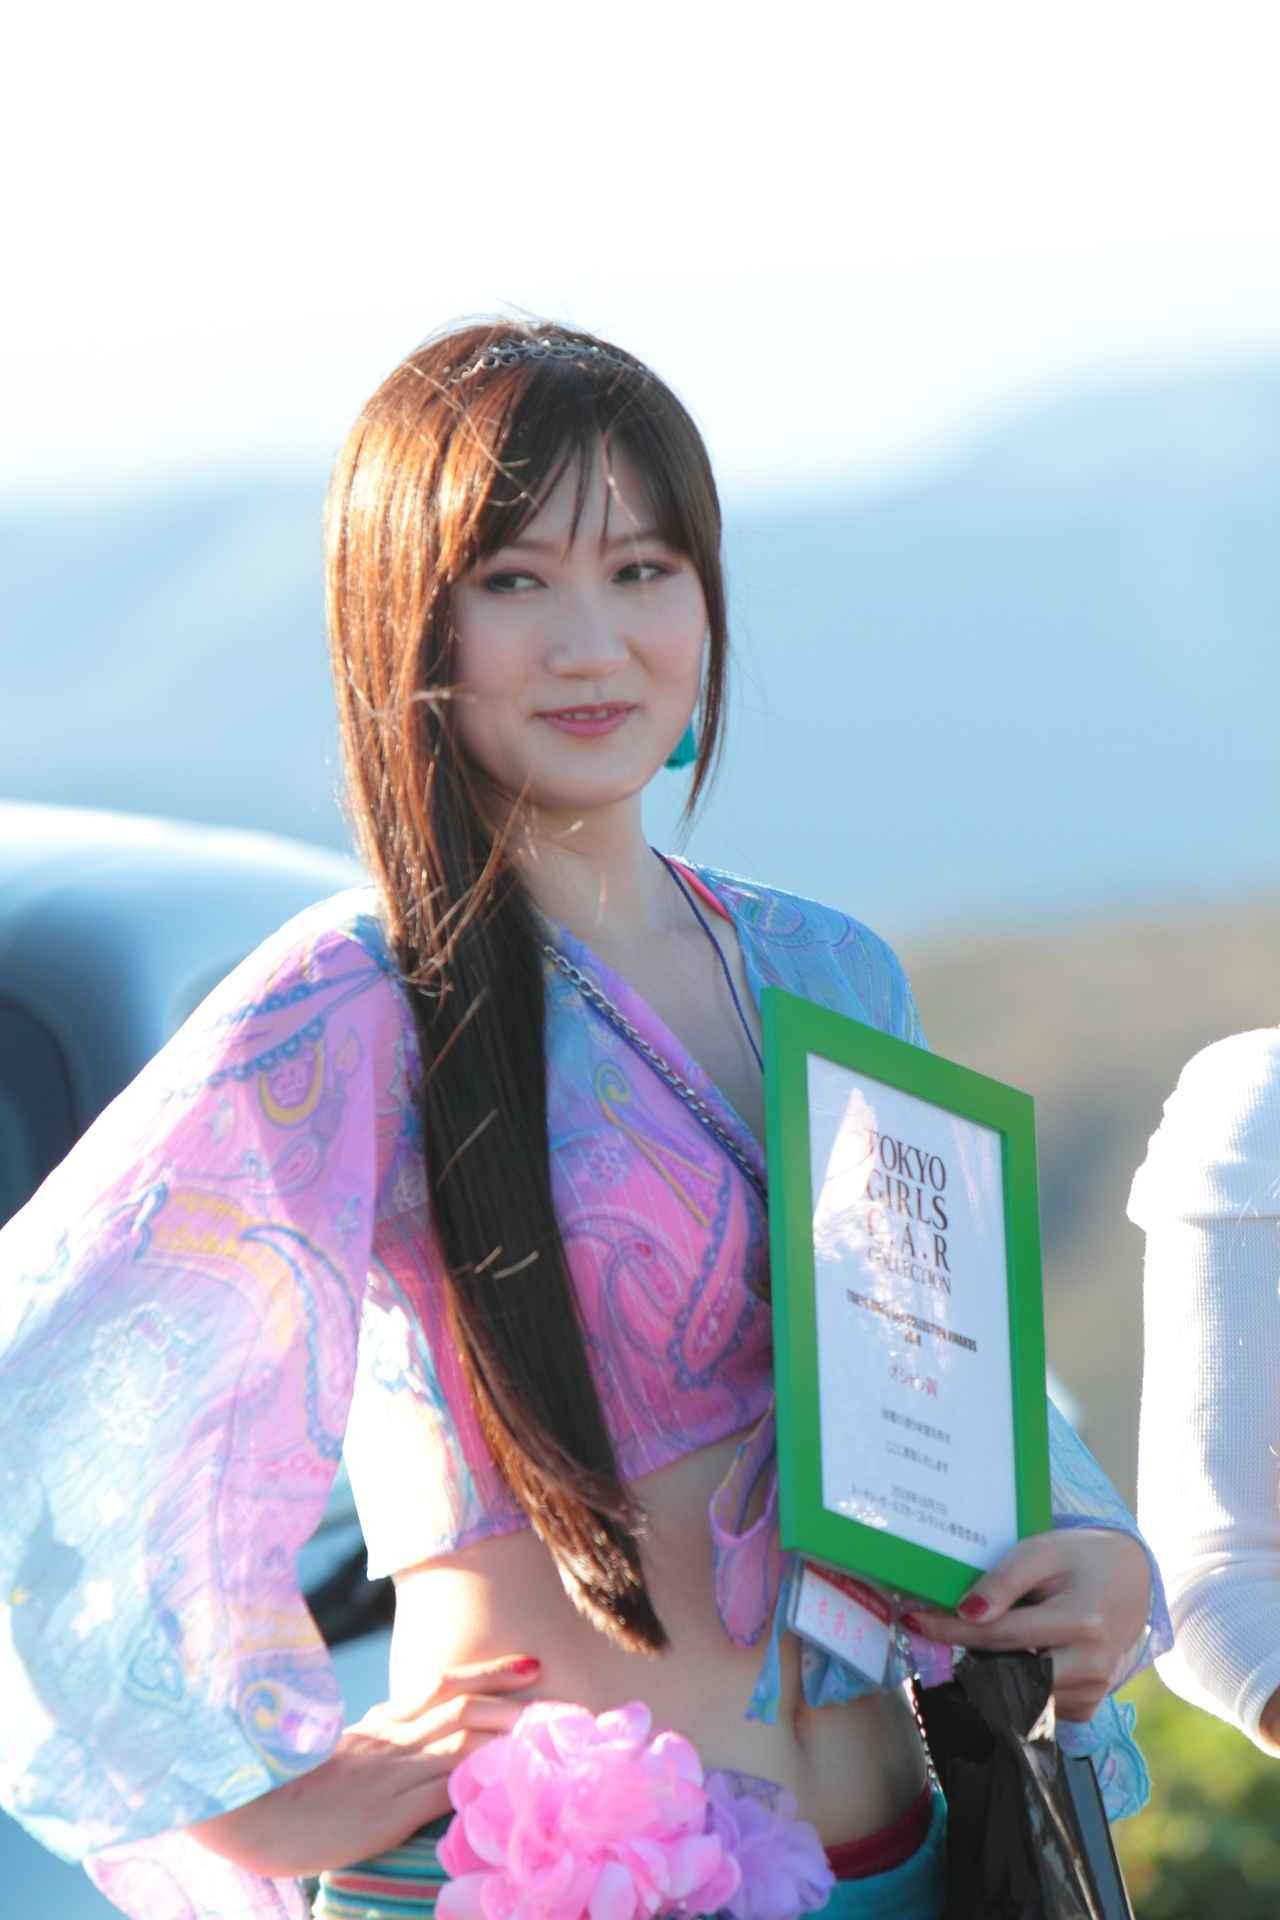 画像: オシャレ賞に輝いたアテンザオーナーのちあきちゃんはベリーダンスの衣装で参戦!